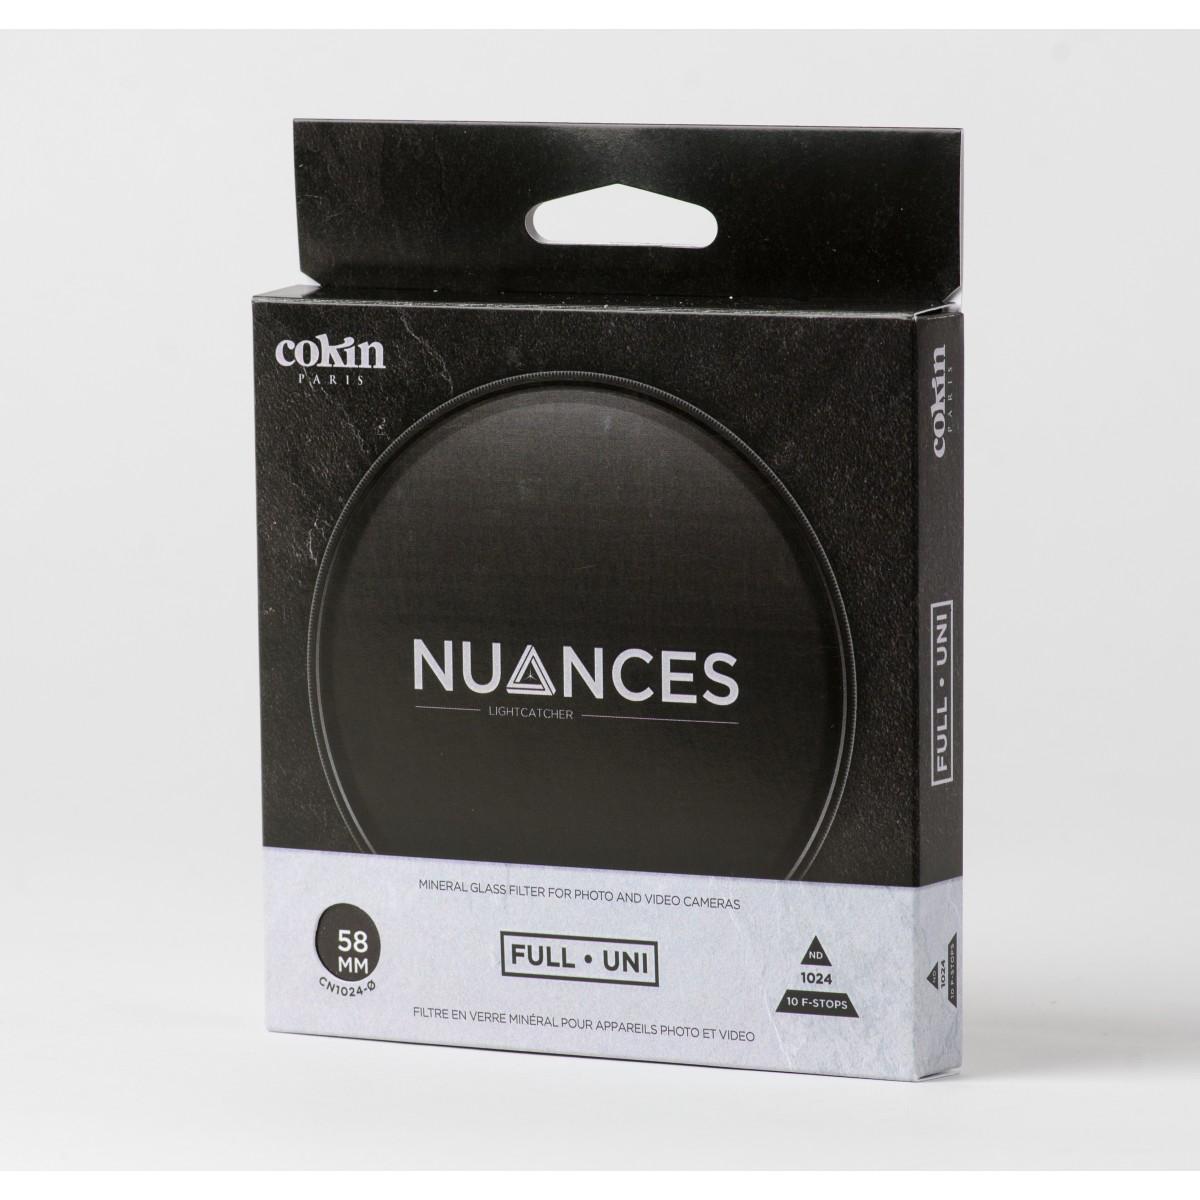 COKIN NUANCES - Filtre Densité Neutre vissant ND1024 - 58mm